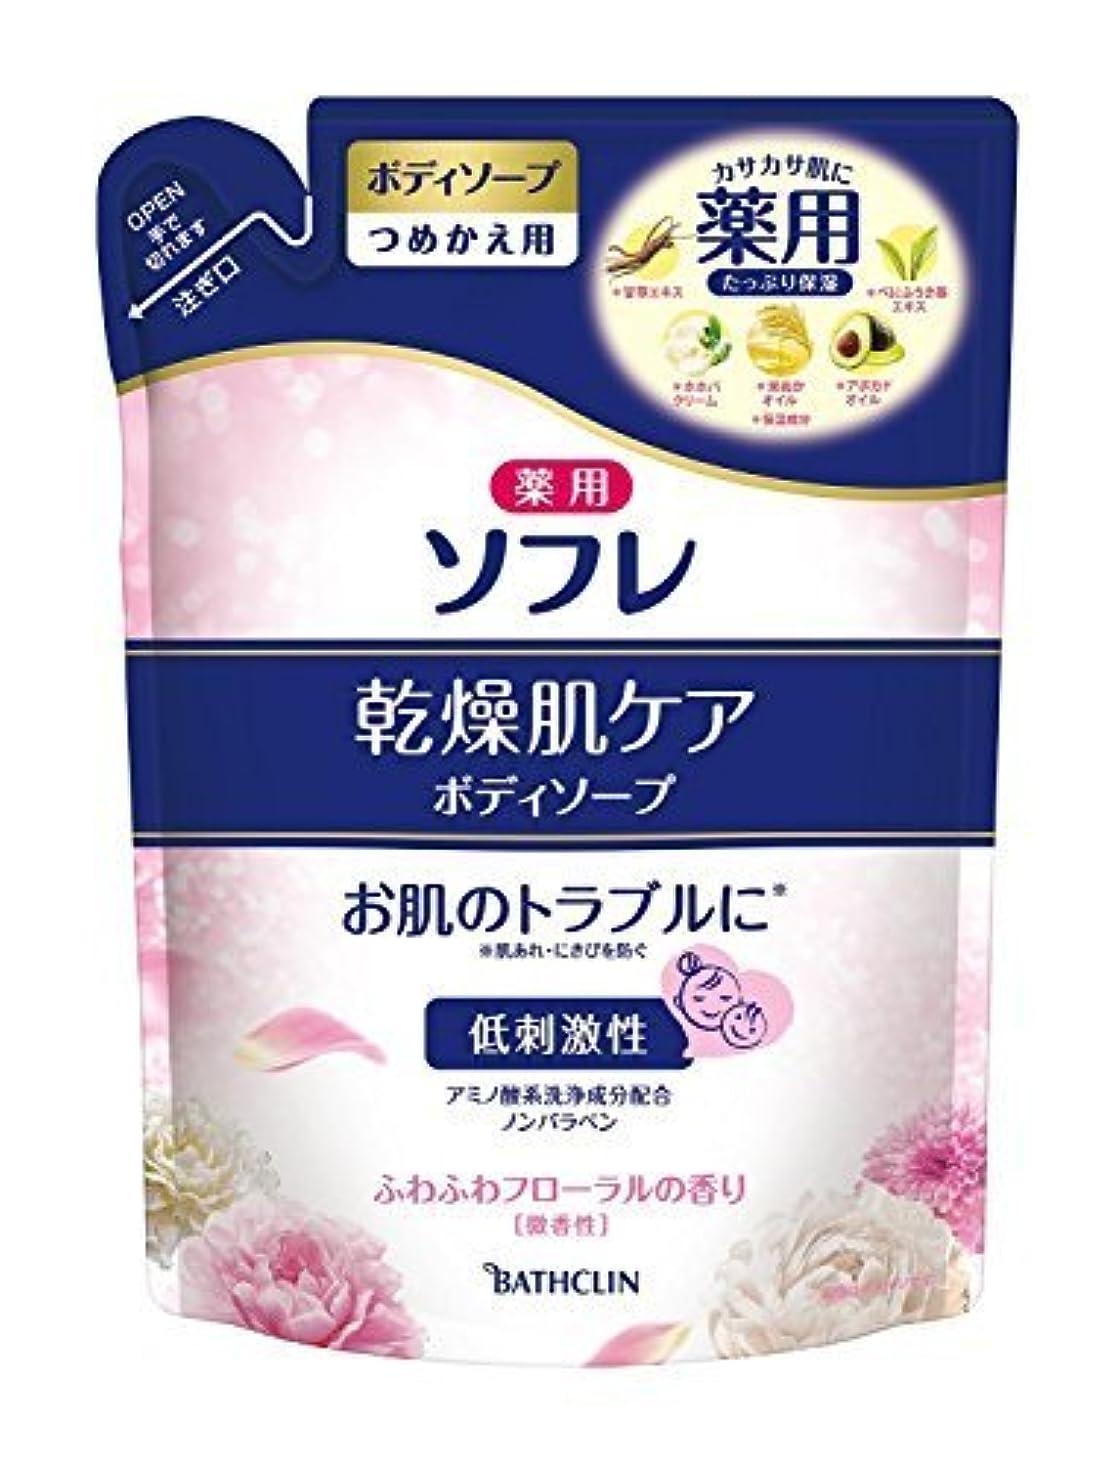 即席有彩色のレタス薬用ソフレ 乾燥肌ケアボディ詰替 × 3個セット